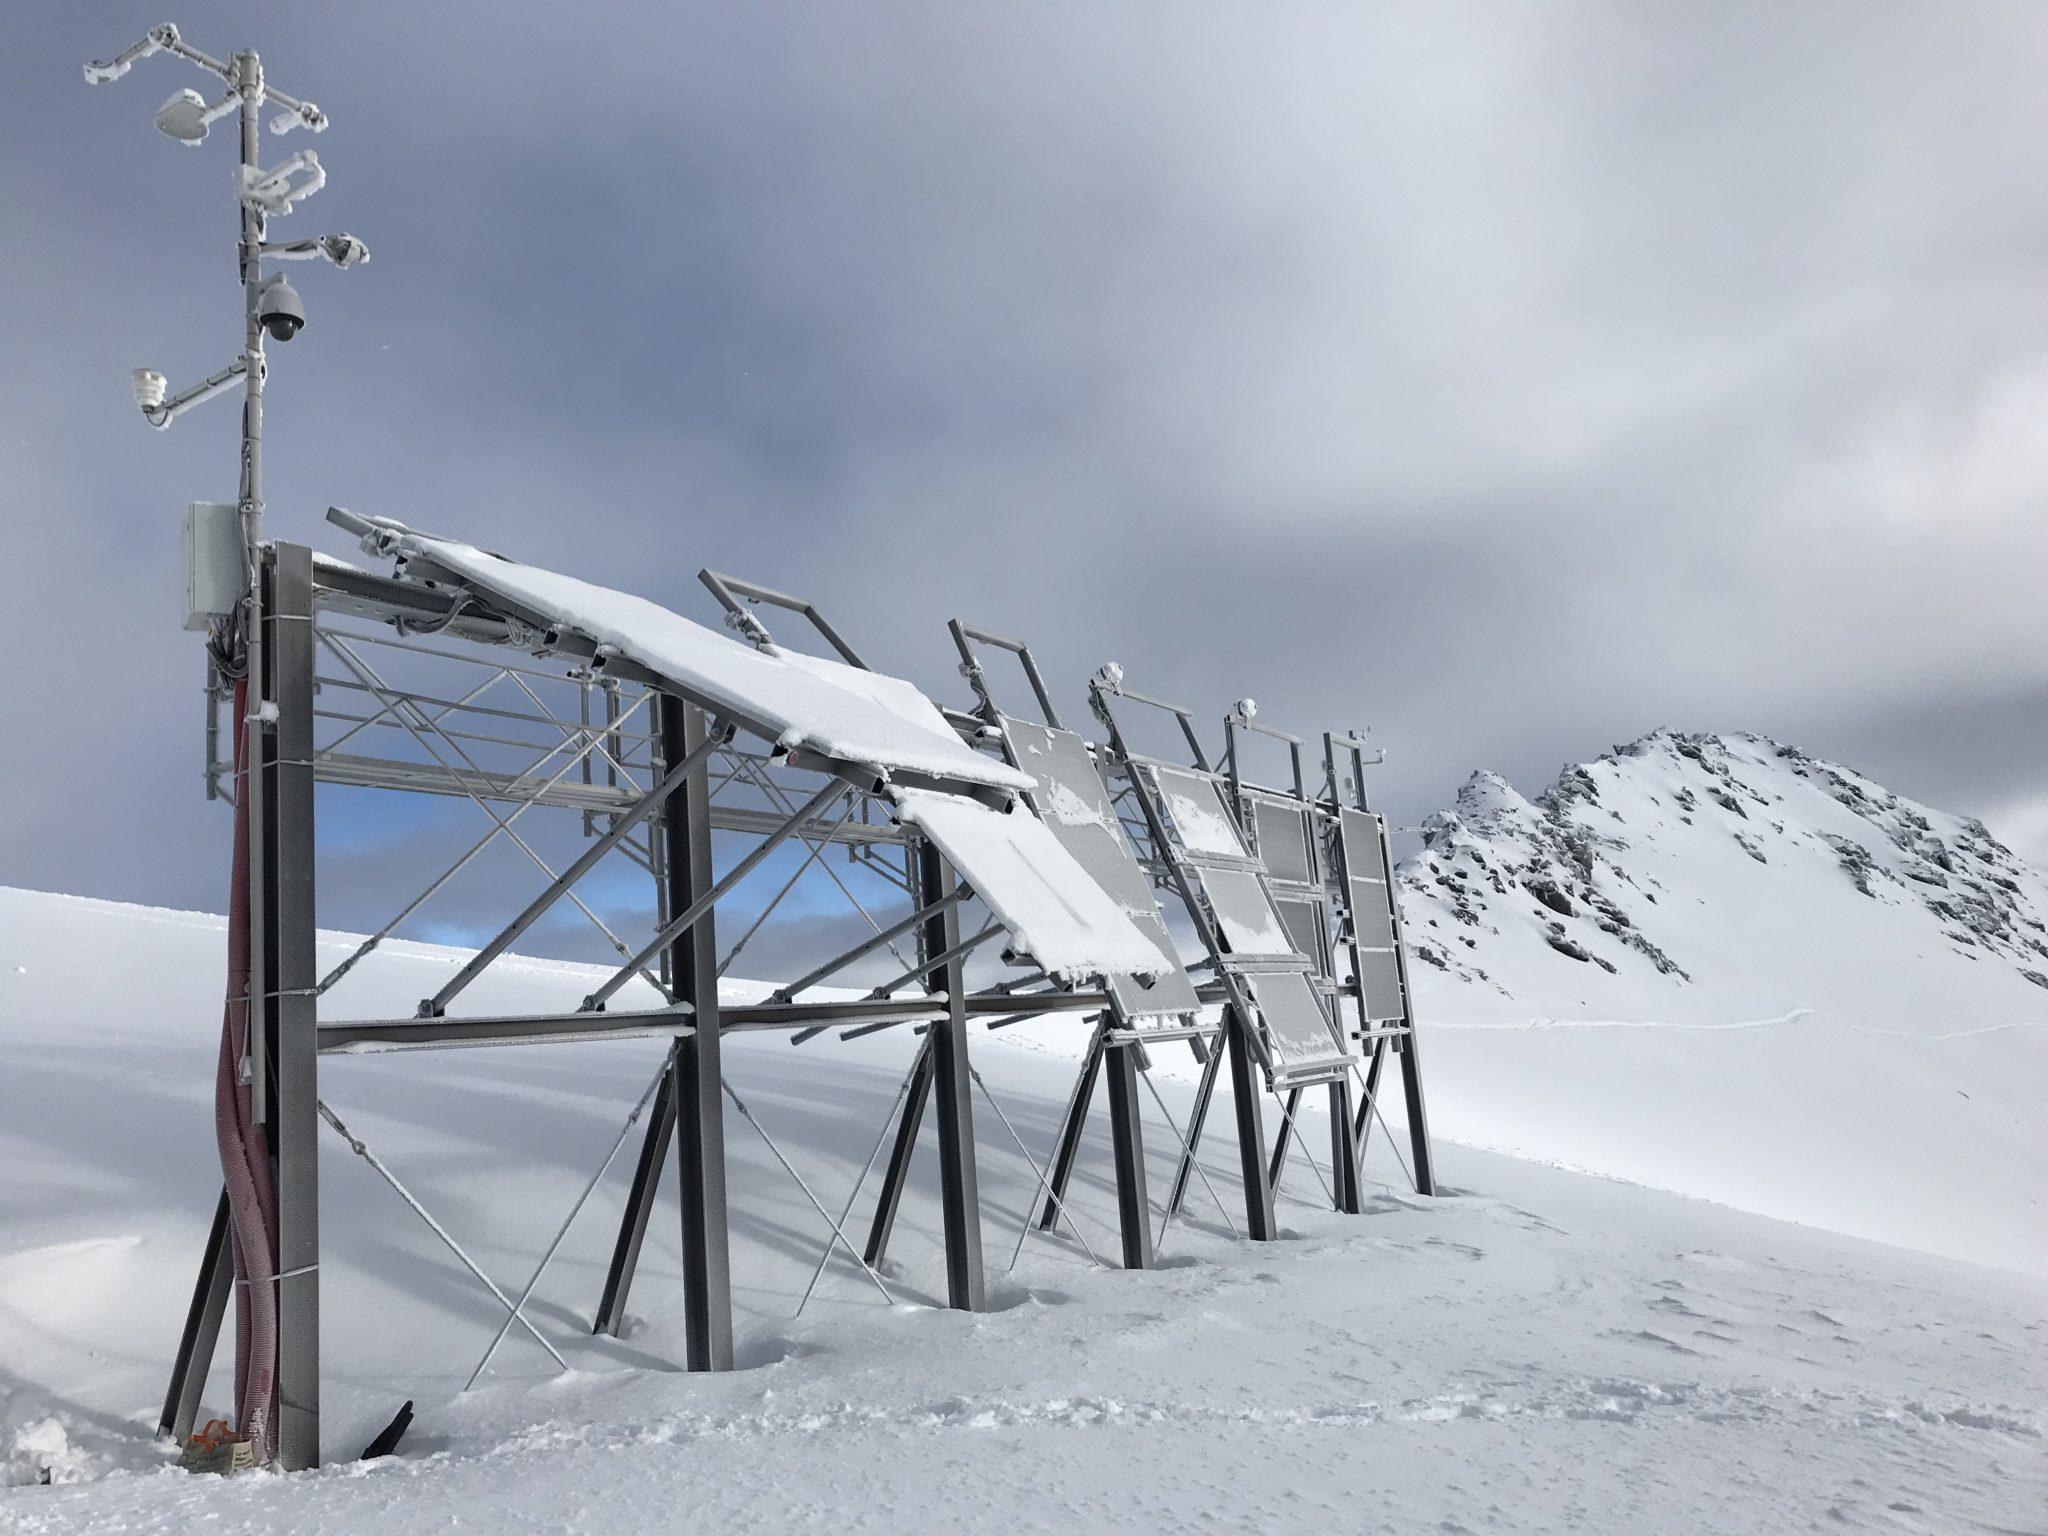 Die Solaranlage bei Davos besteht teilweise aus steil aufgestellten Modulen. So bleibt gefallener Schnee nie lange auf ihnen liegen.